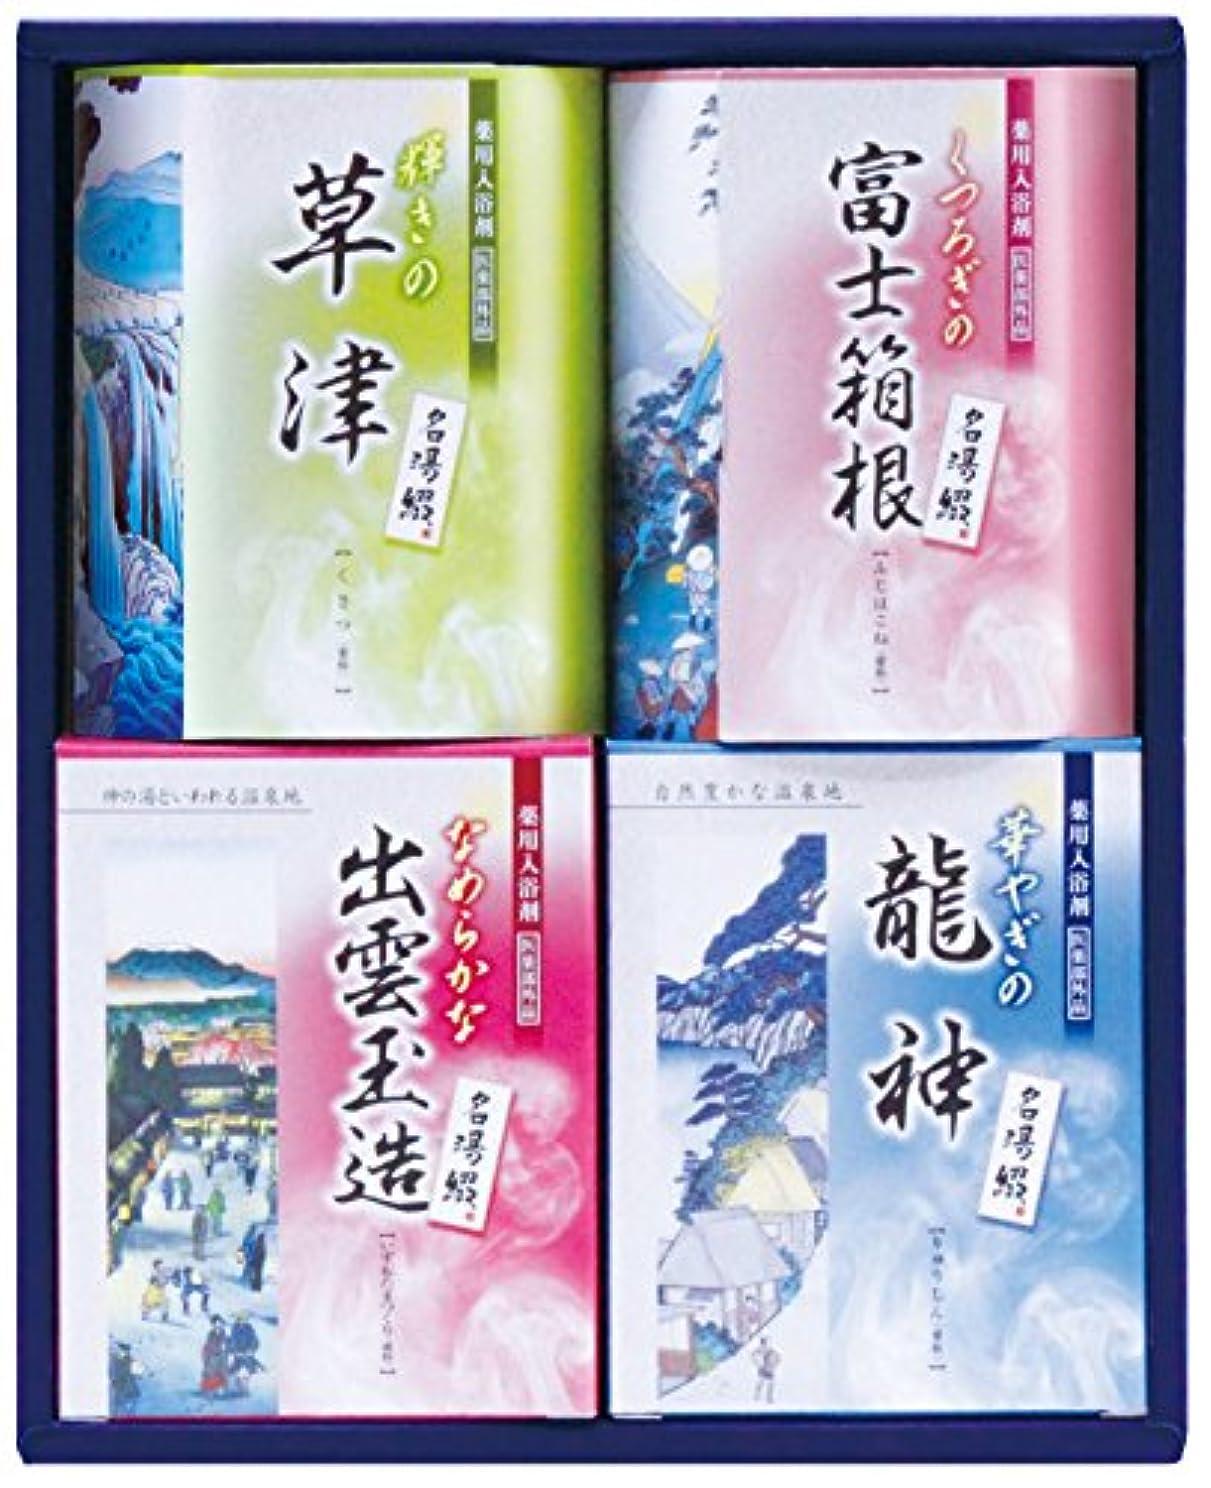 アマチュア香港チャーミングマックス ギフト 薬用入浴剤 名湯綴 TML-10